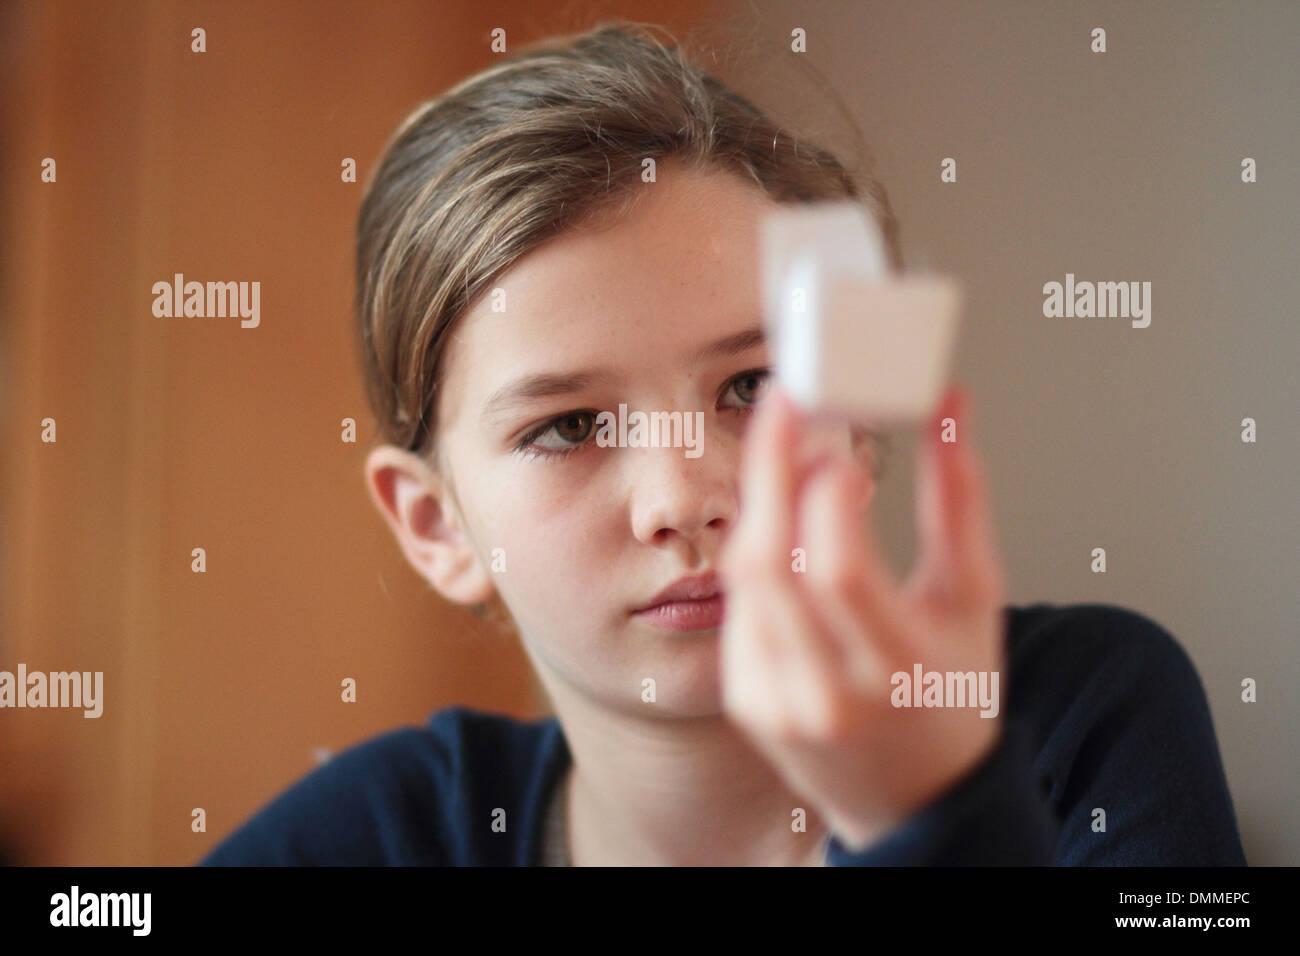 Mädchen in einem Raum sitzen und auf ein Papier-Modell Stockbild